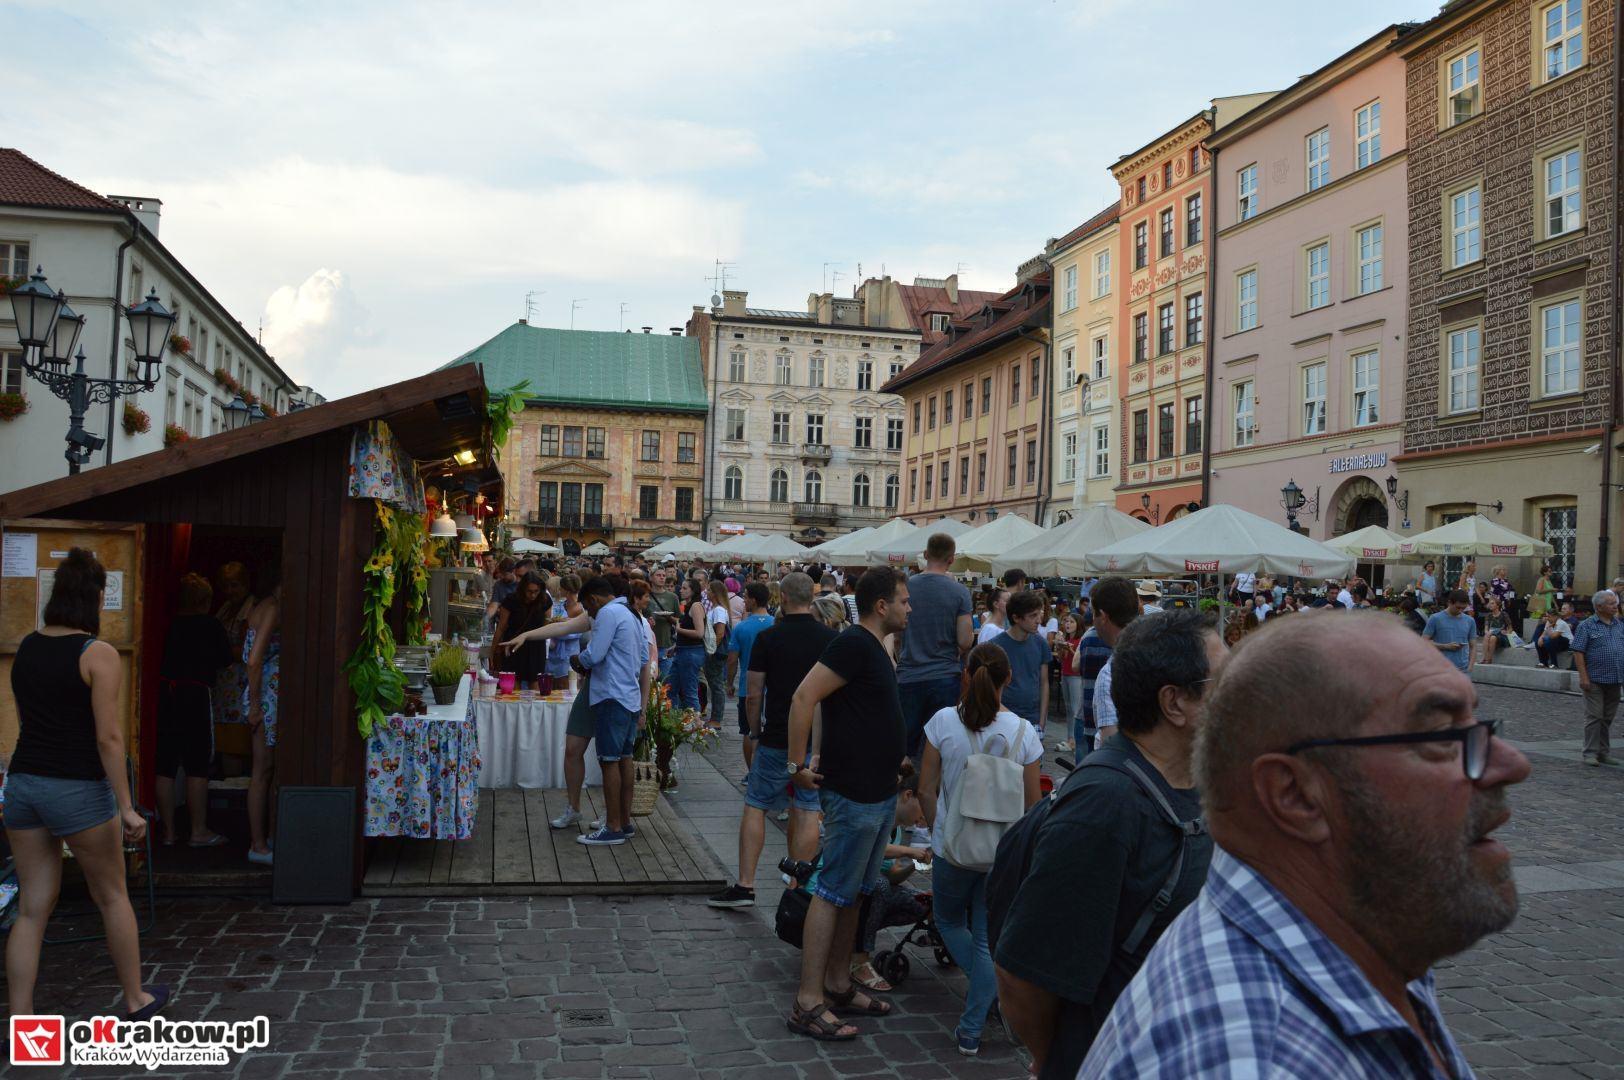 krakow festiwal pierogow maly rynek koncert cheap tobacco 96 150x150 - Galeria zdjęć Festiwal Pierogów Kraków 2018 + zdjęcia z koncertu Cheap Tobacco